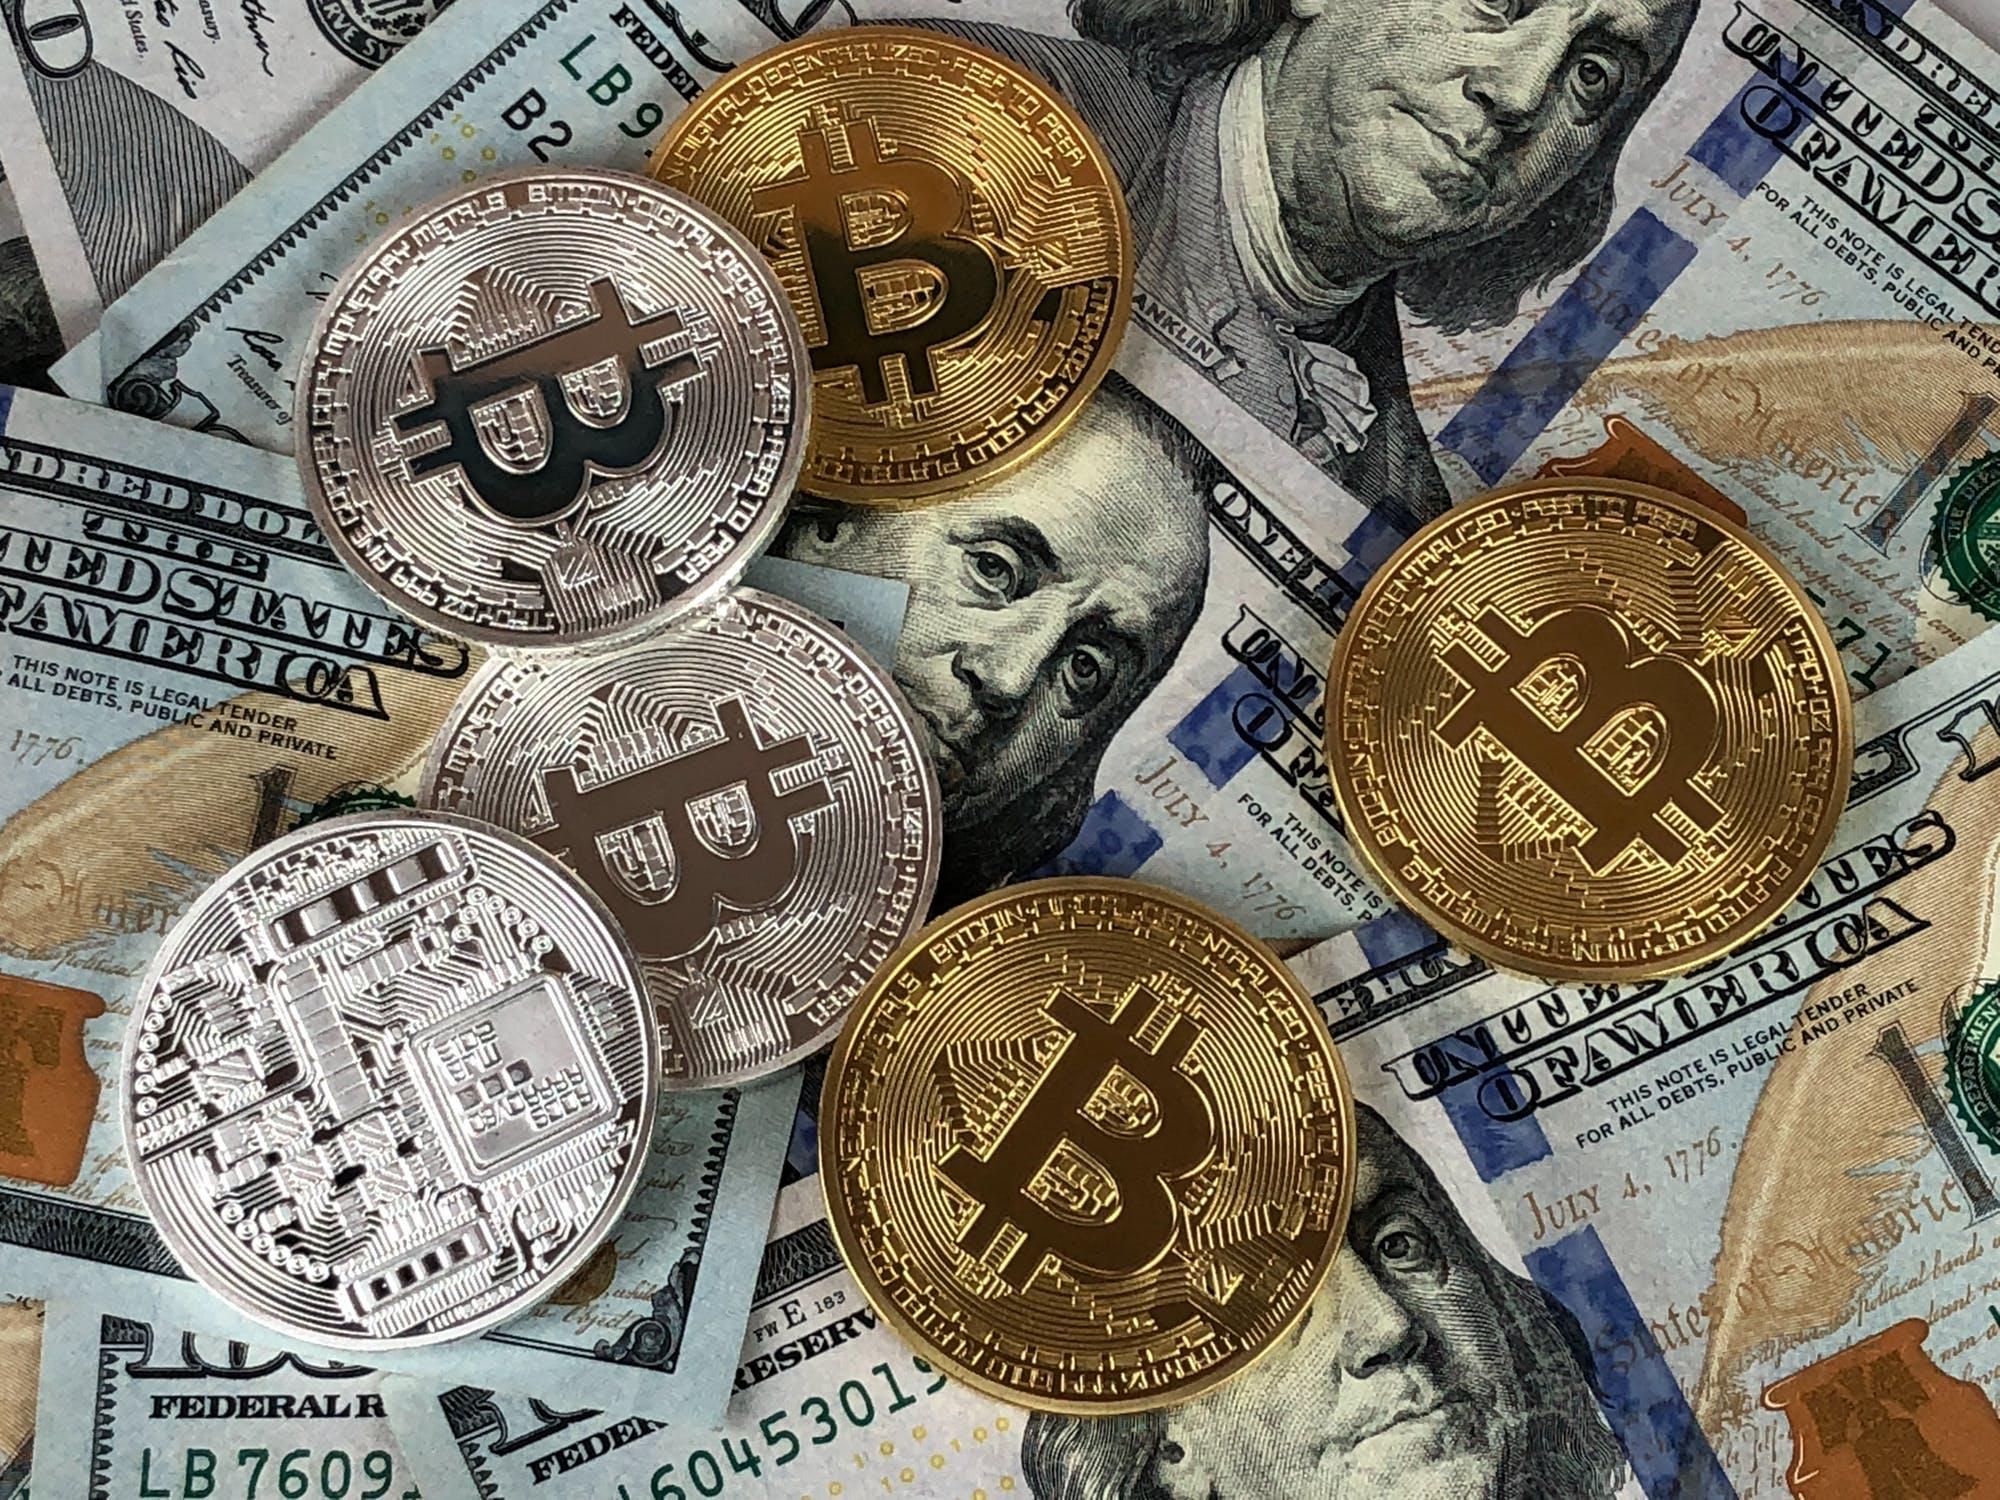 Bitcoin ble for alvor en del av mediebildet og kultu i 2017 med voldsomme opp- og nedturer.